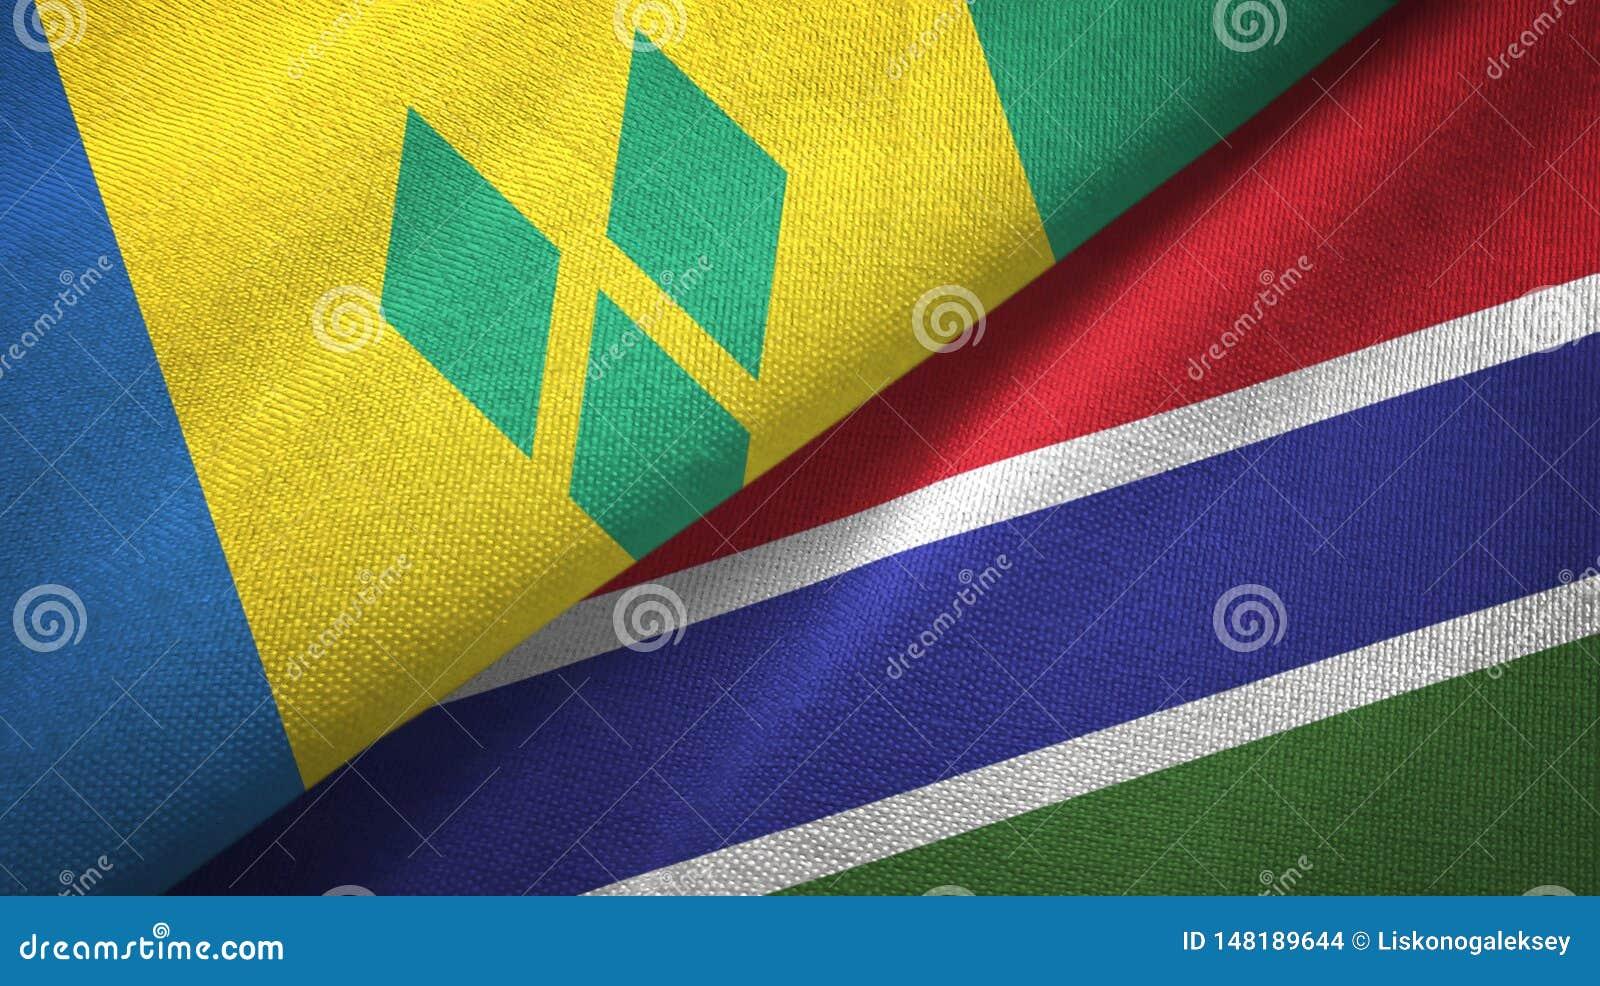 St. Vincent und die Grenadinen und Gambia zwei Flaggen